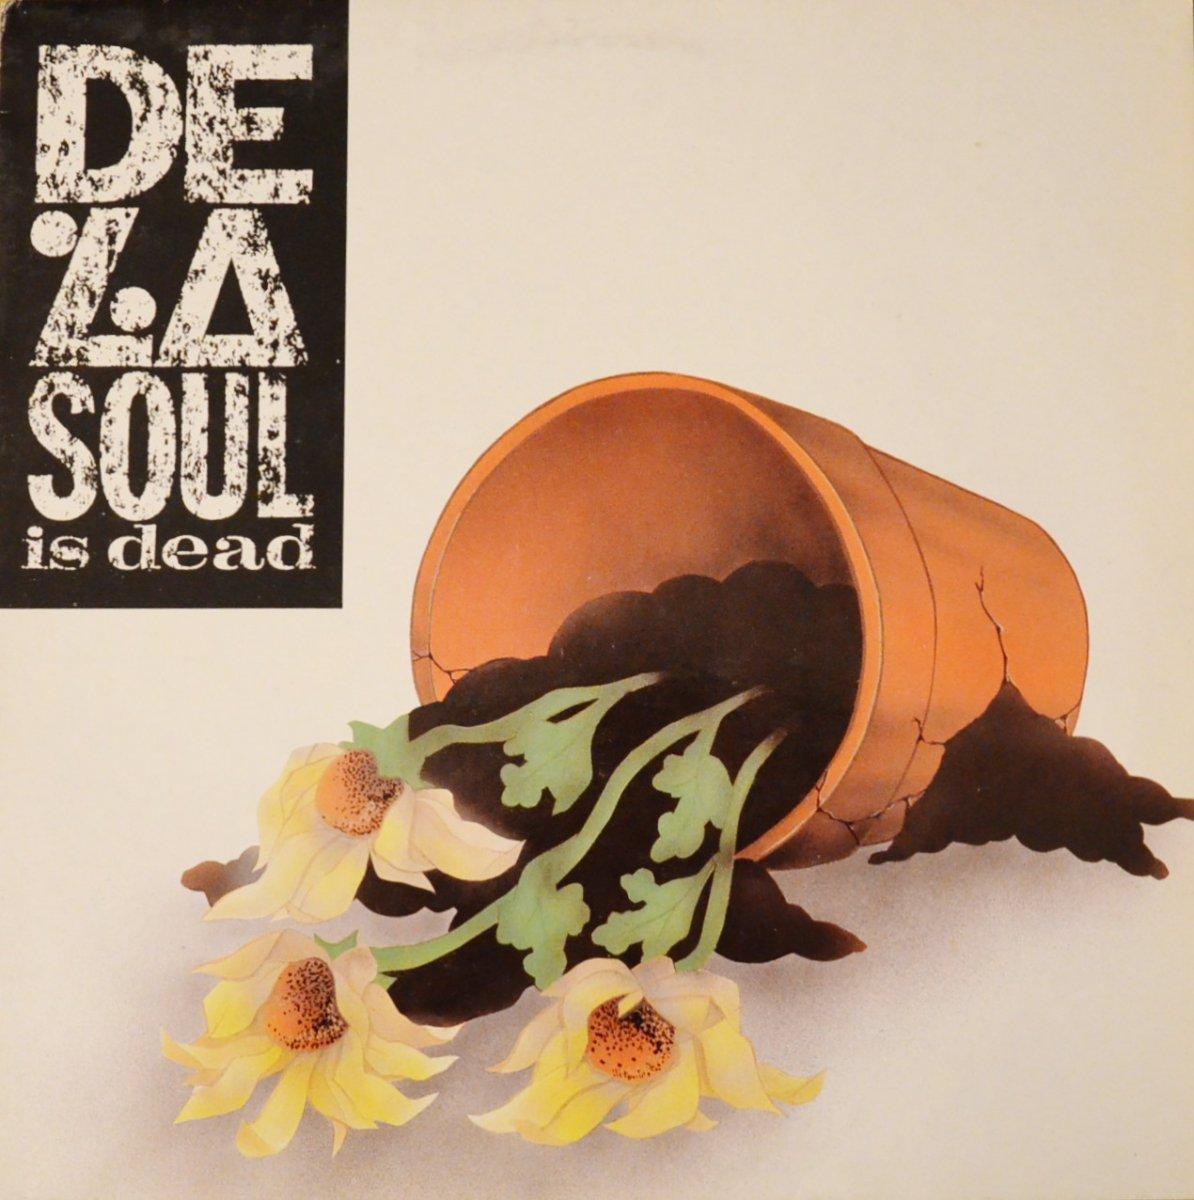 DE LA SOUL / DE LA SOUL IS DEAD (1LP)